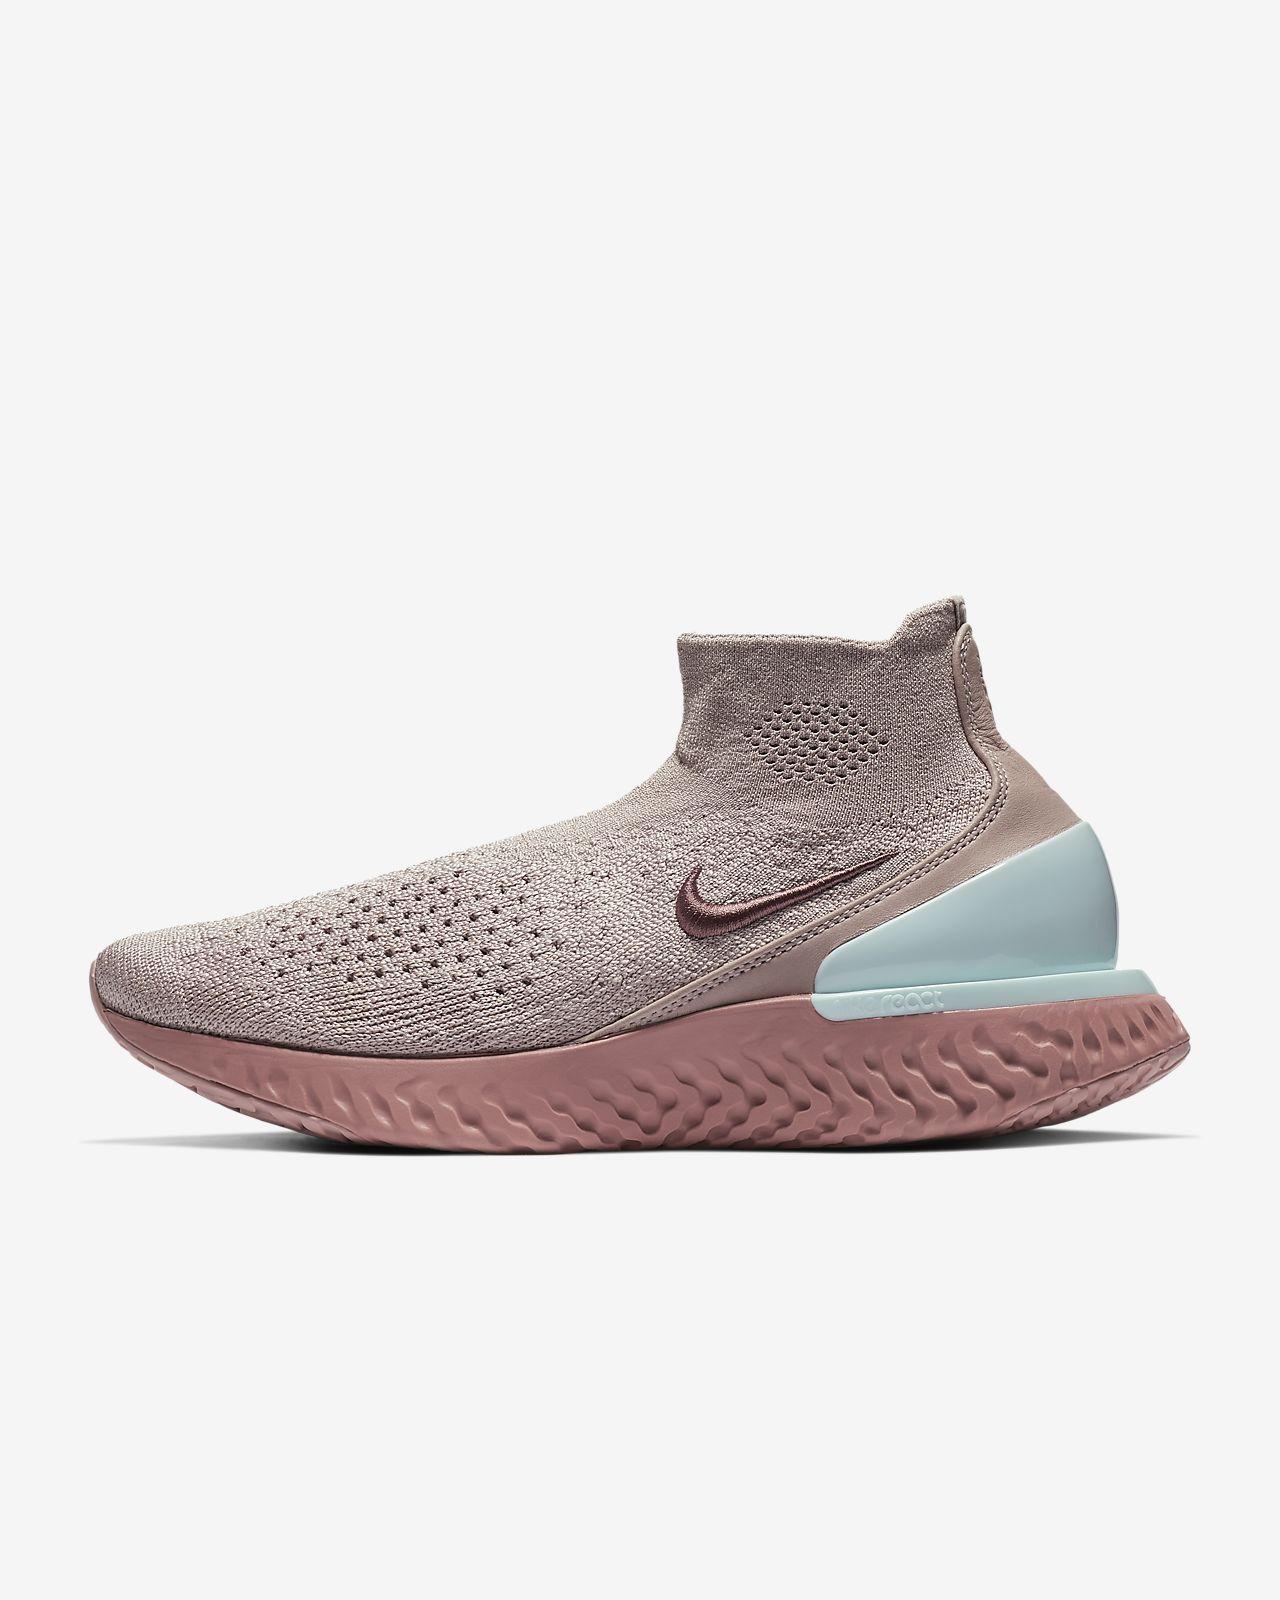 5342d32286cf Nike Rise React Flyknit Women s Running Shoe. Nike.com